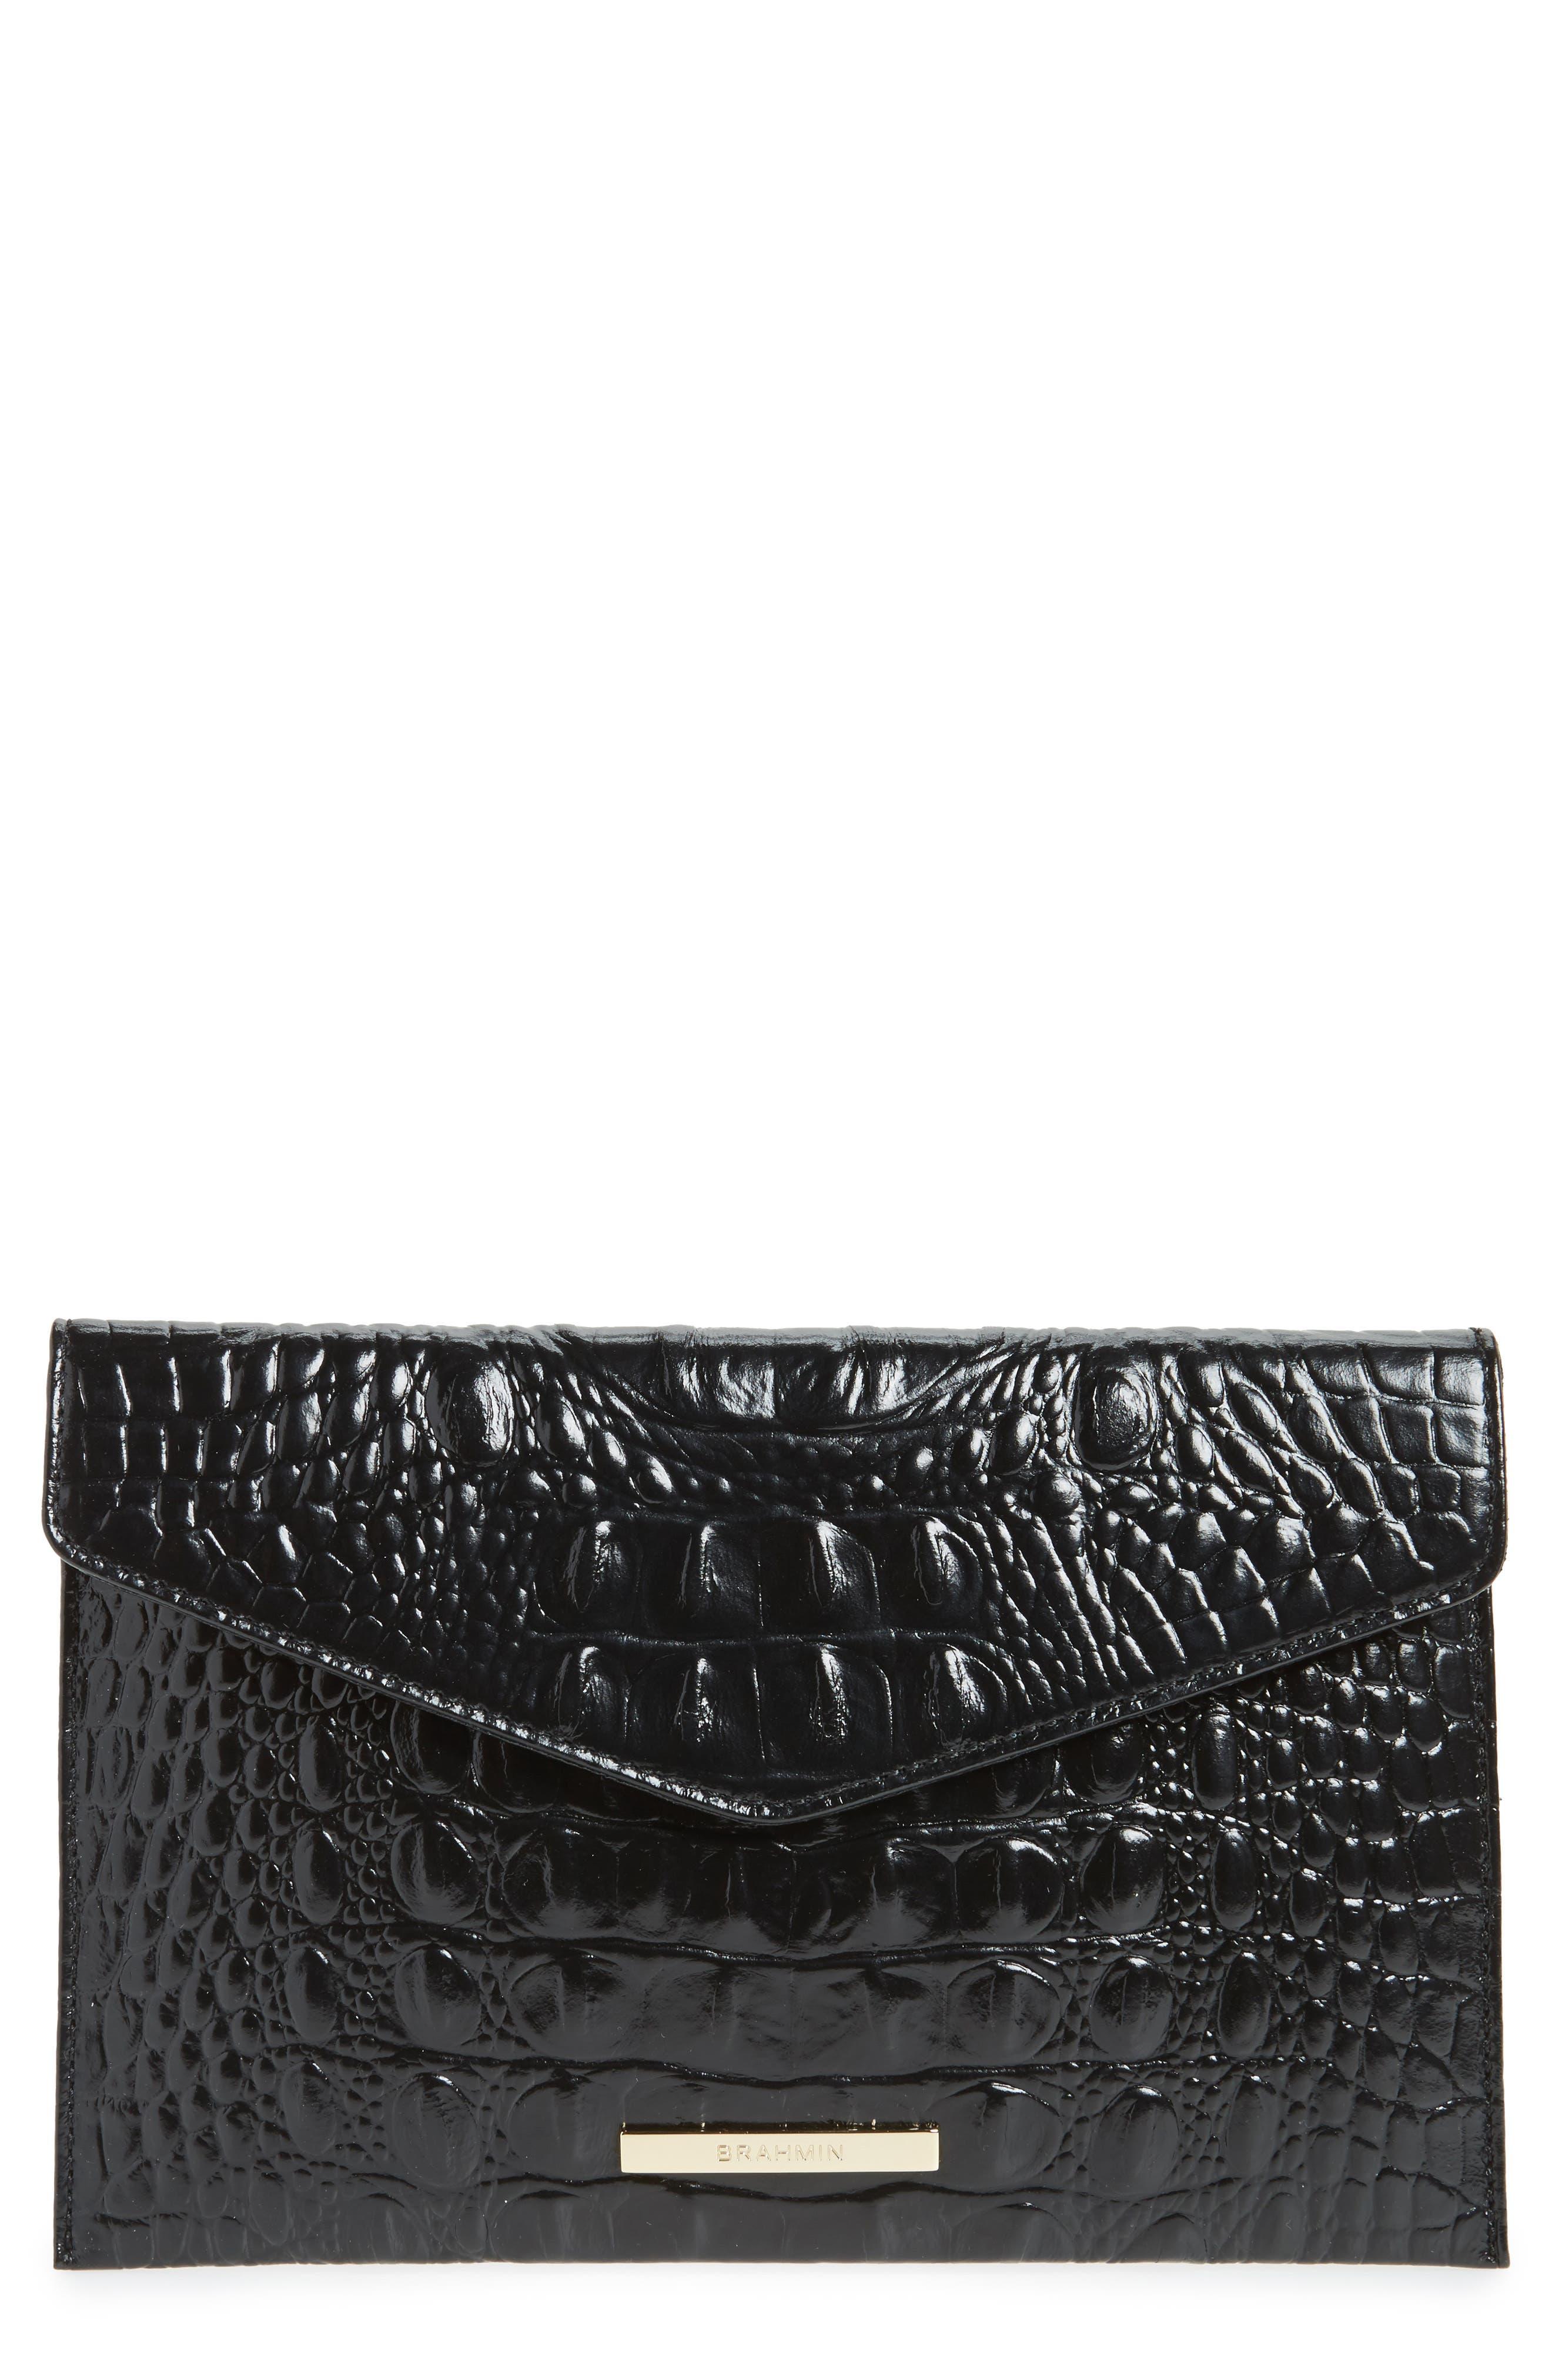 Brahmin Melbourne Croc Embossed Leather Envelope Clutch